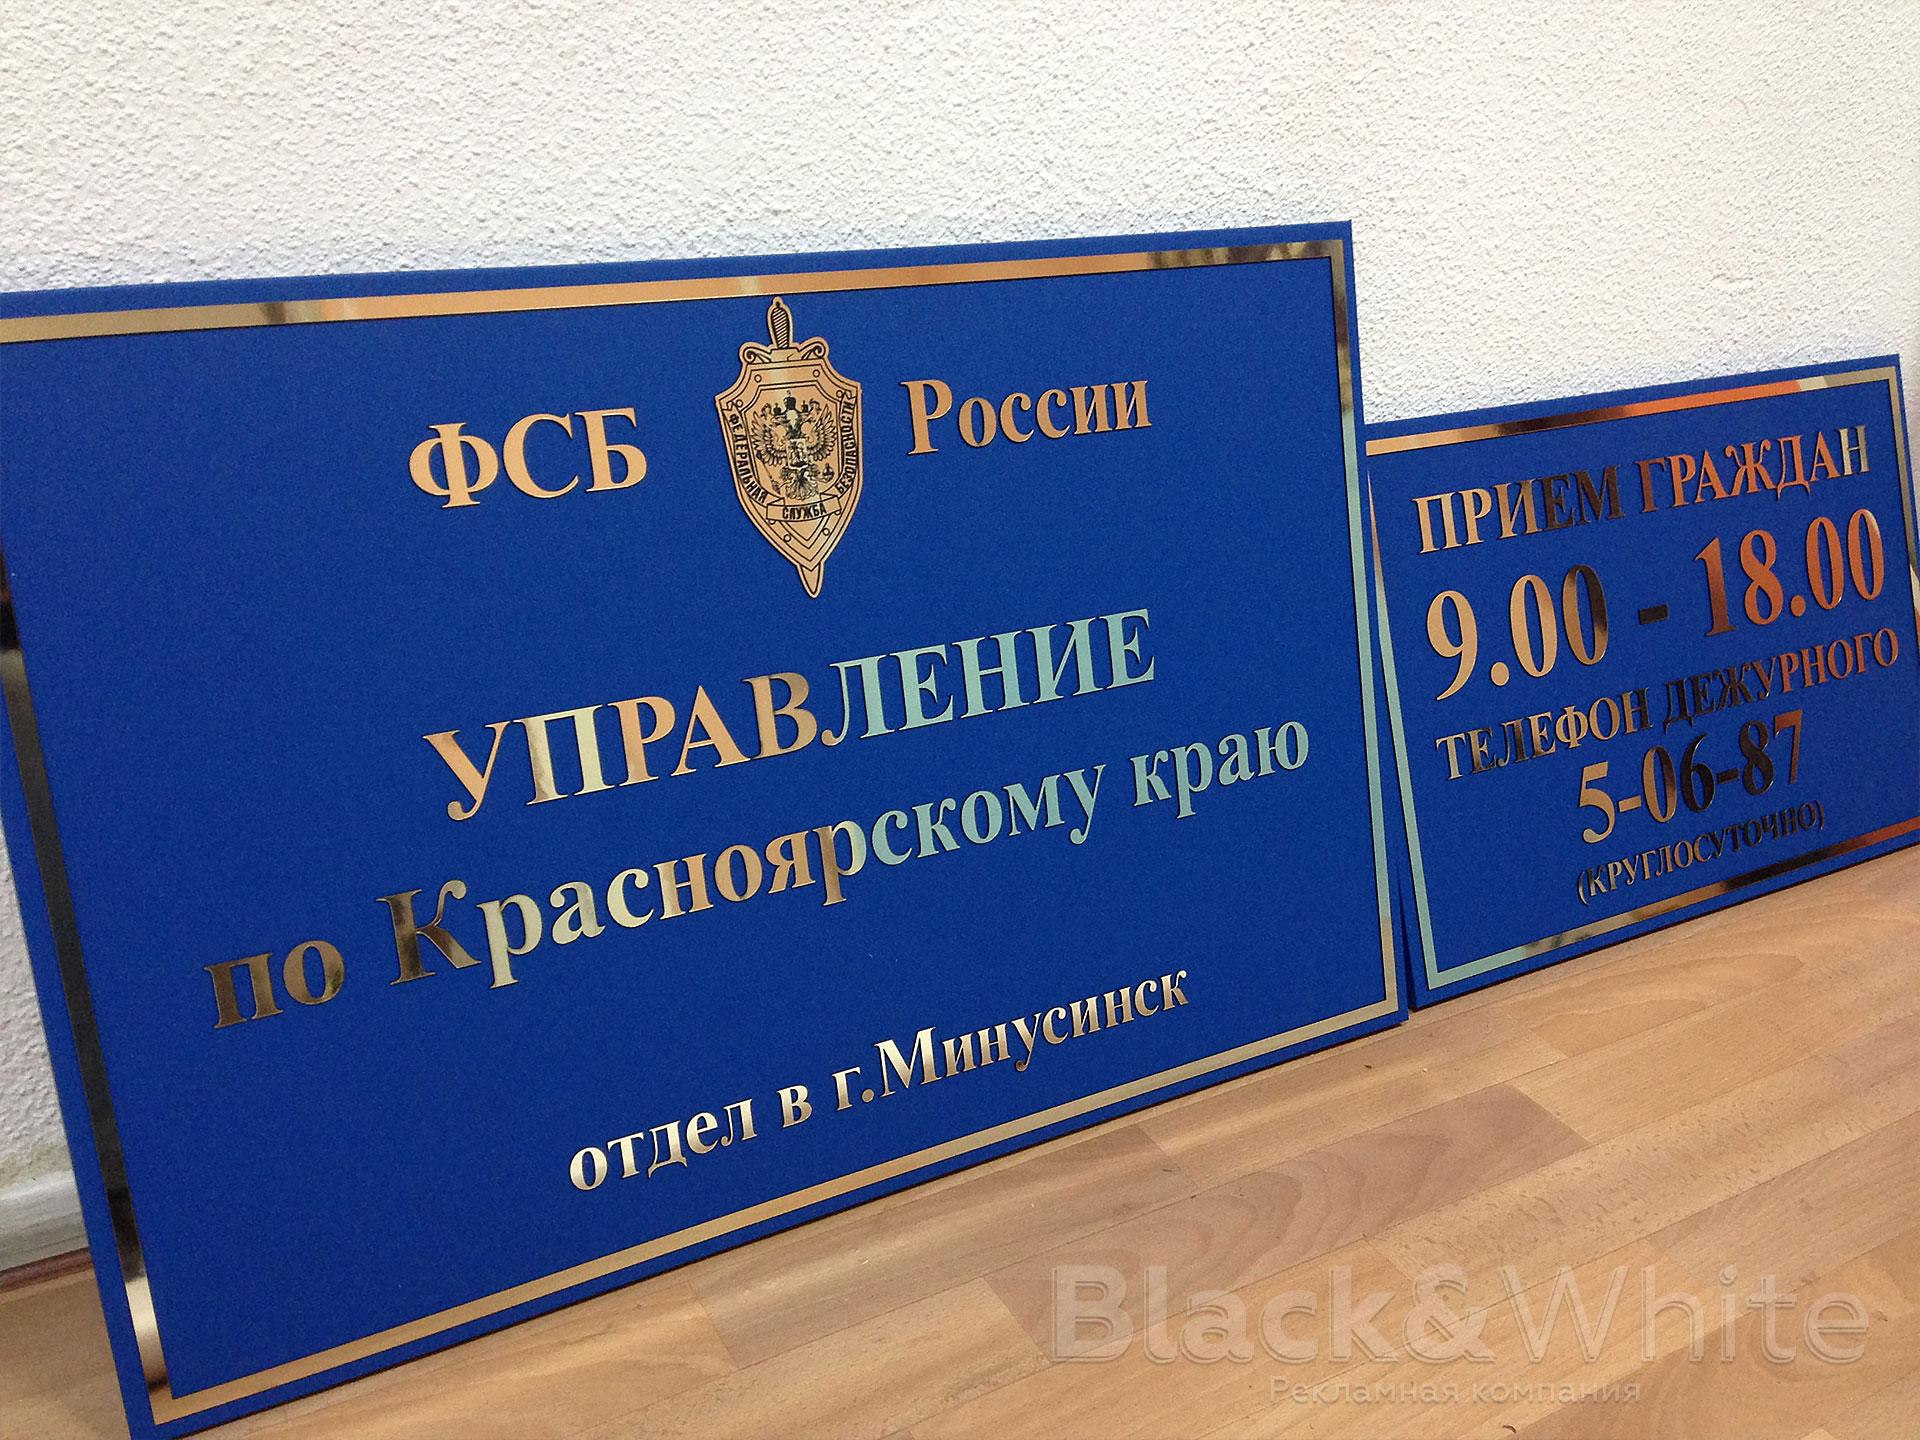 Фасадные-таблички-Компания-Black&White-красноярск..jpg